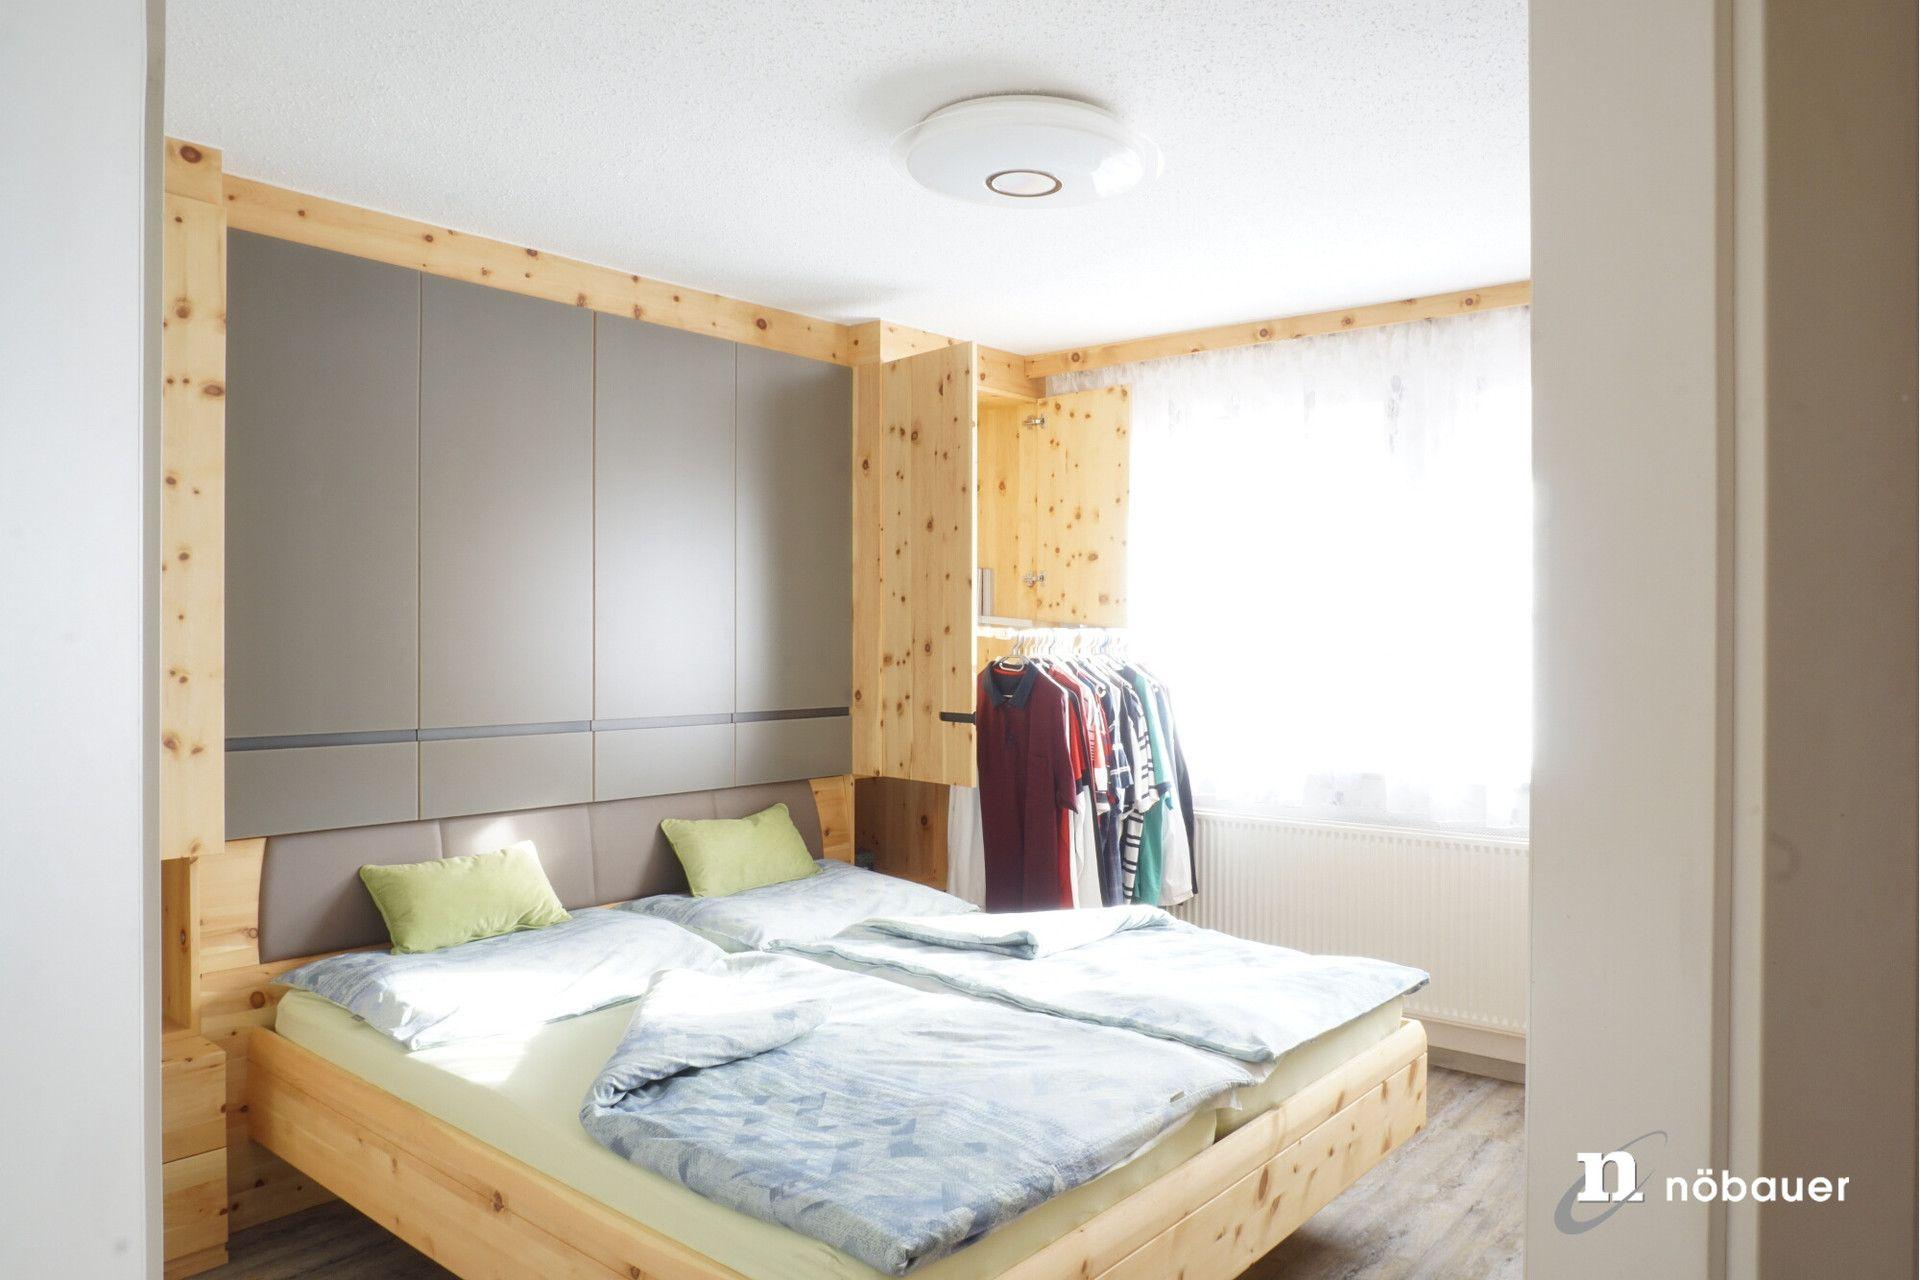 Referenz Schlafzimmer in Zirbe Innenarchitektur Nöbauer